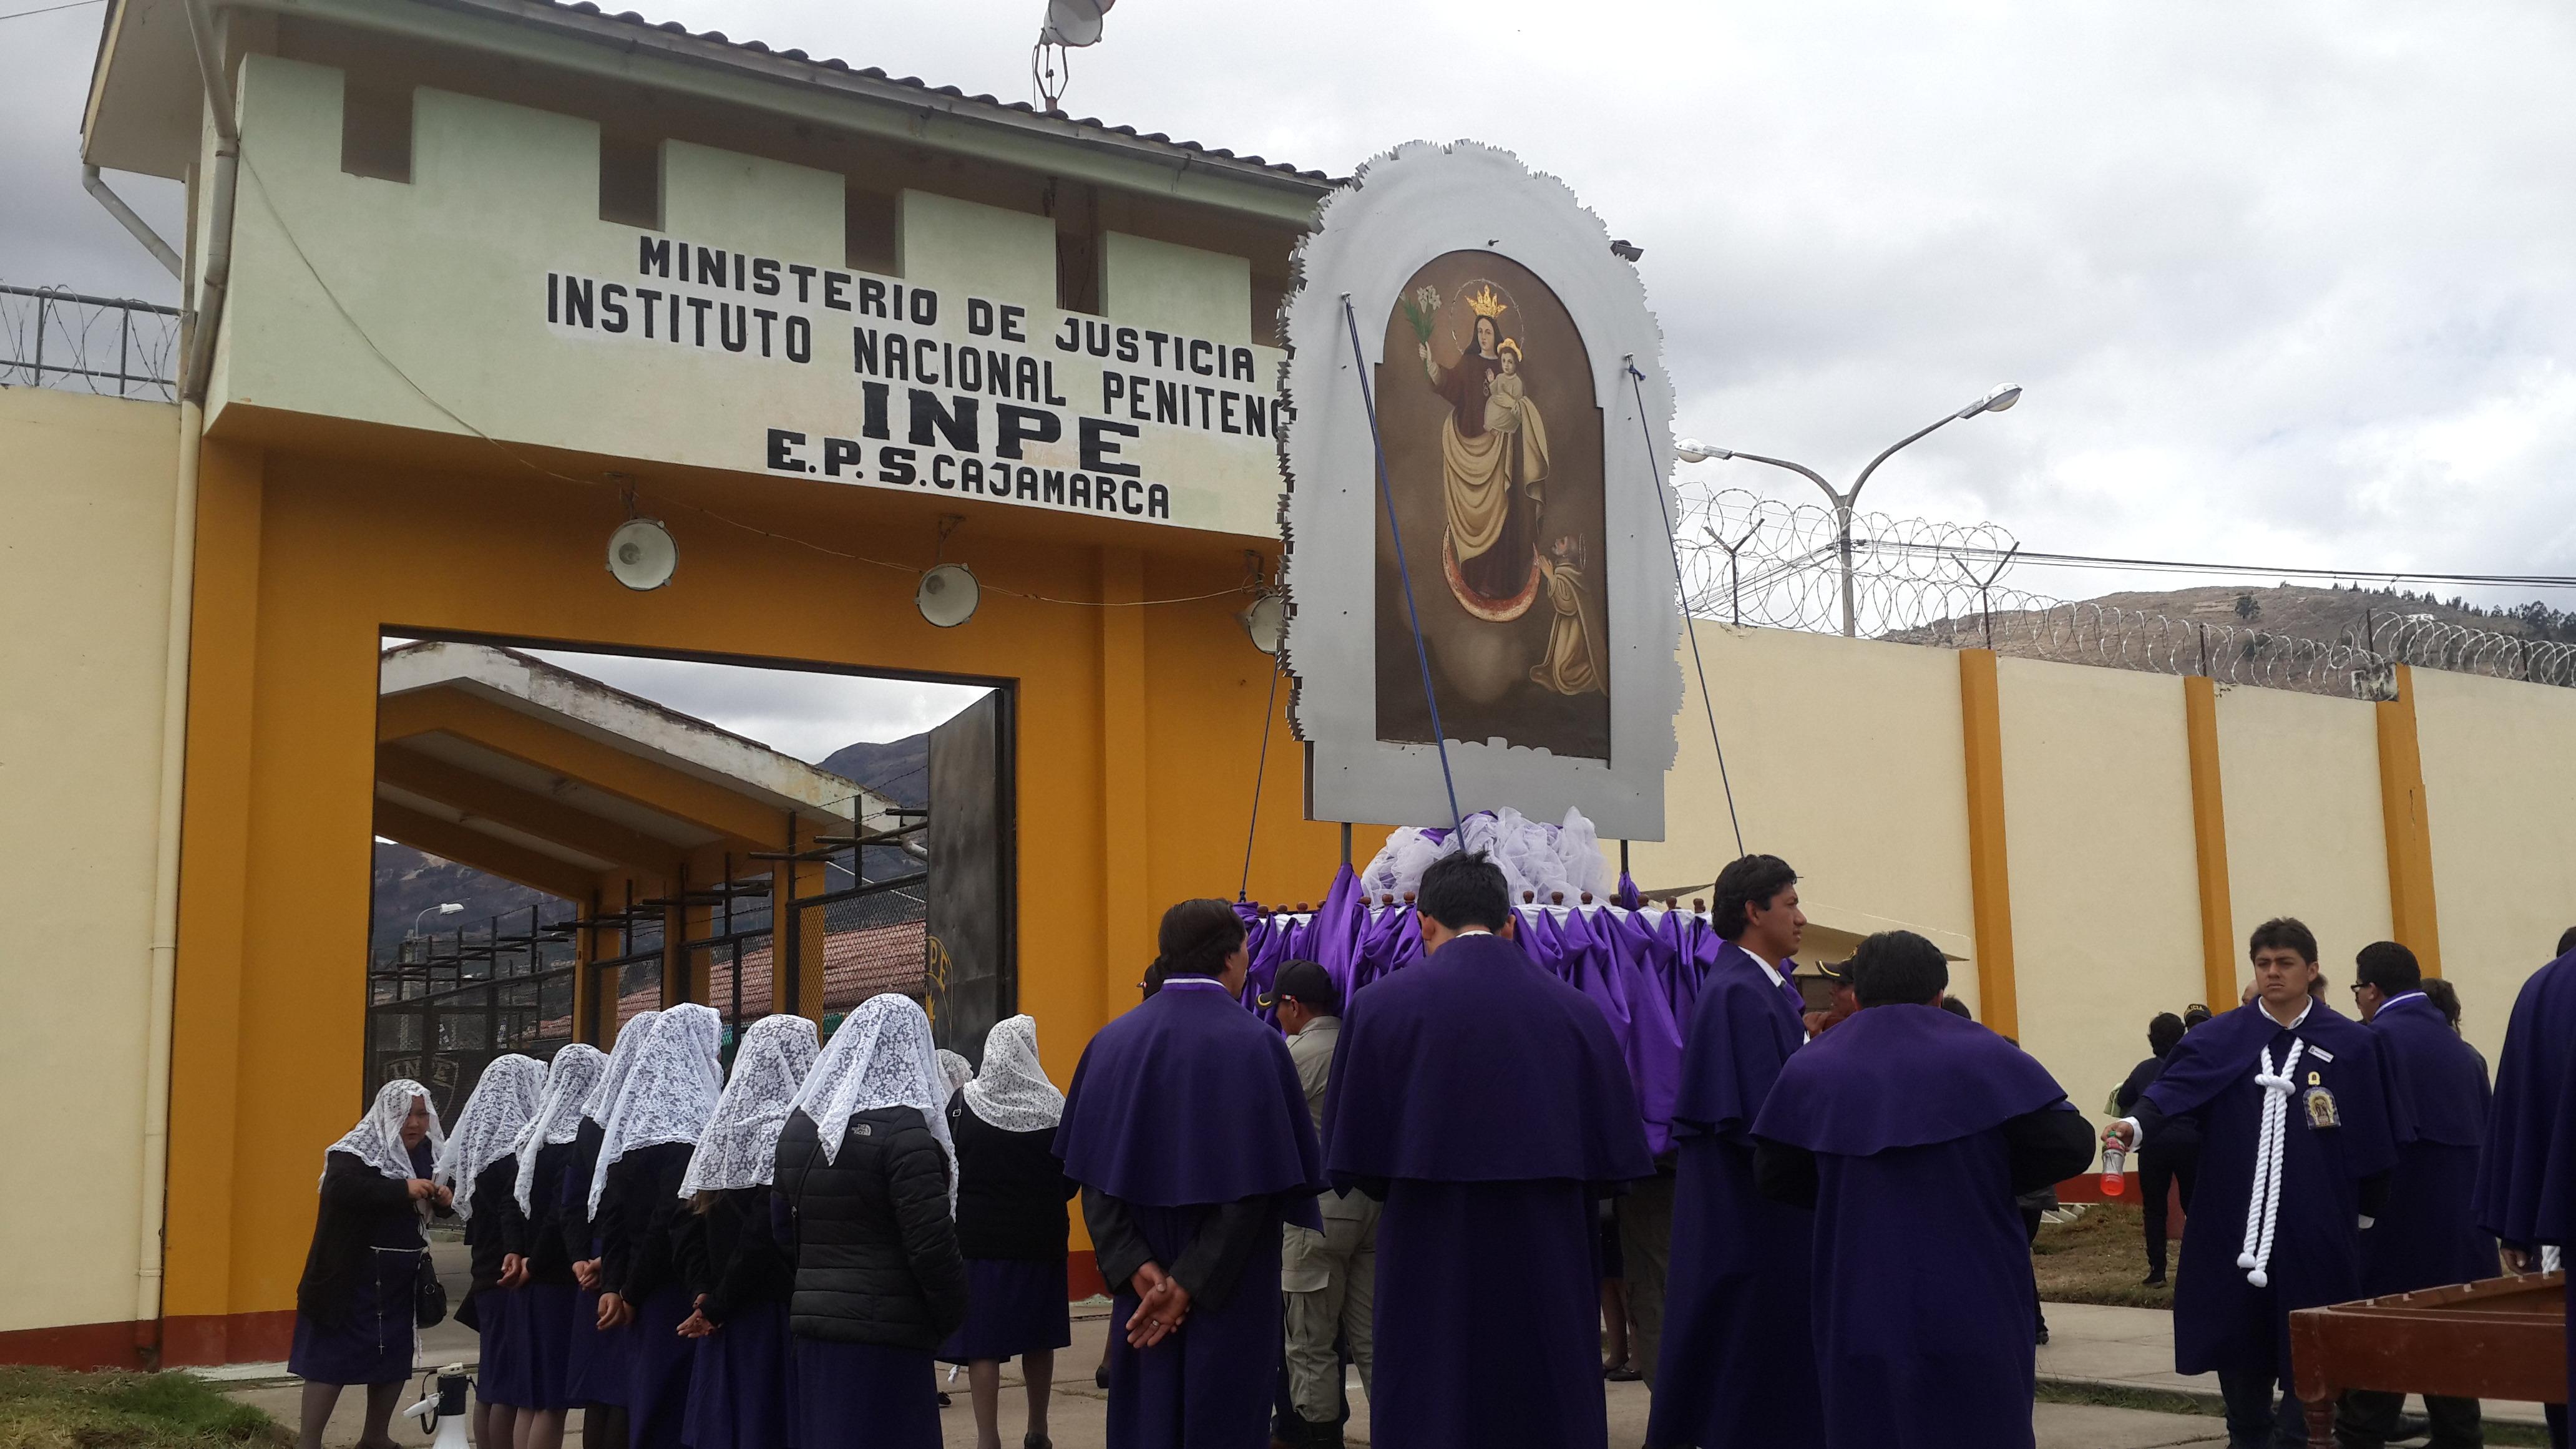 La sagrada imágen del Señor de los Milagros fue recibida con fe y devoción en el Penal de Huacariz